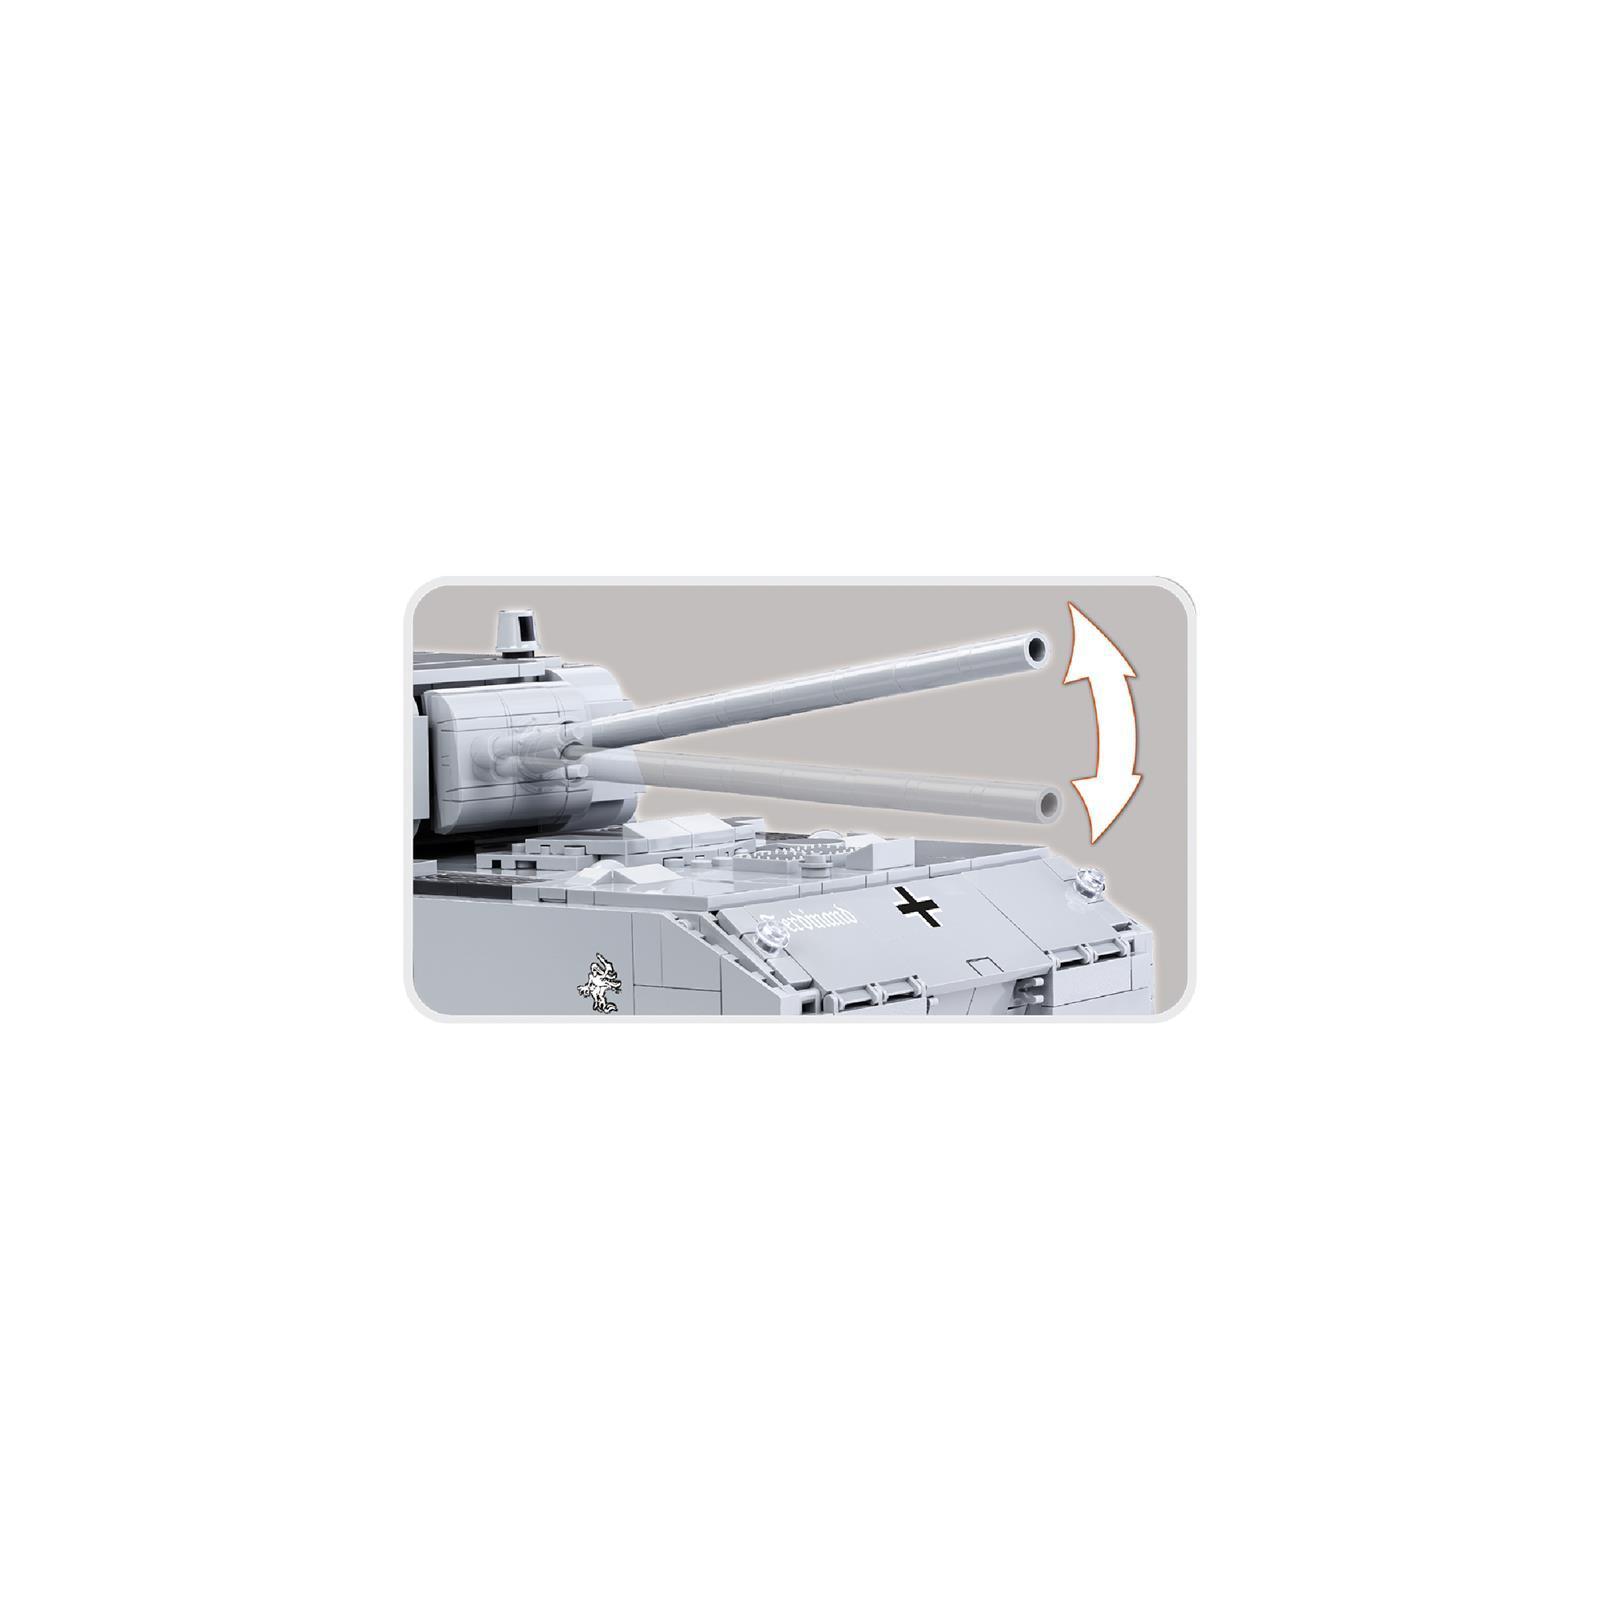 Конструктор Cobi World Of Tanks Maus, 900 деталей (COBI-3024) изображение 7